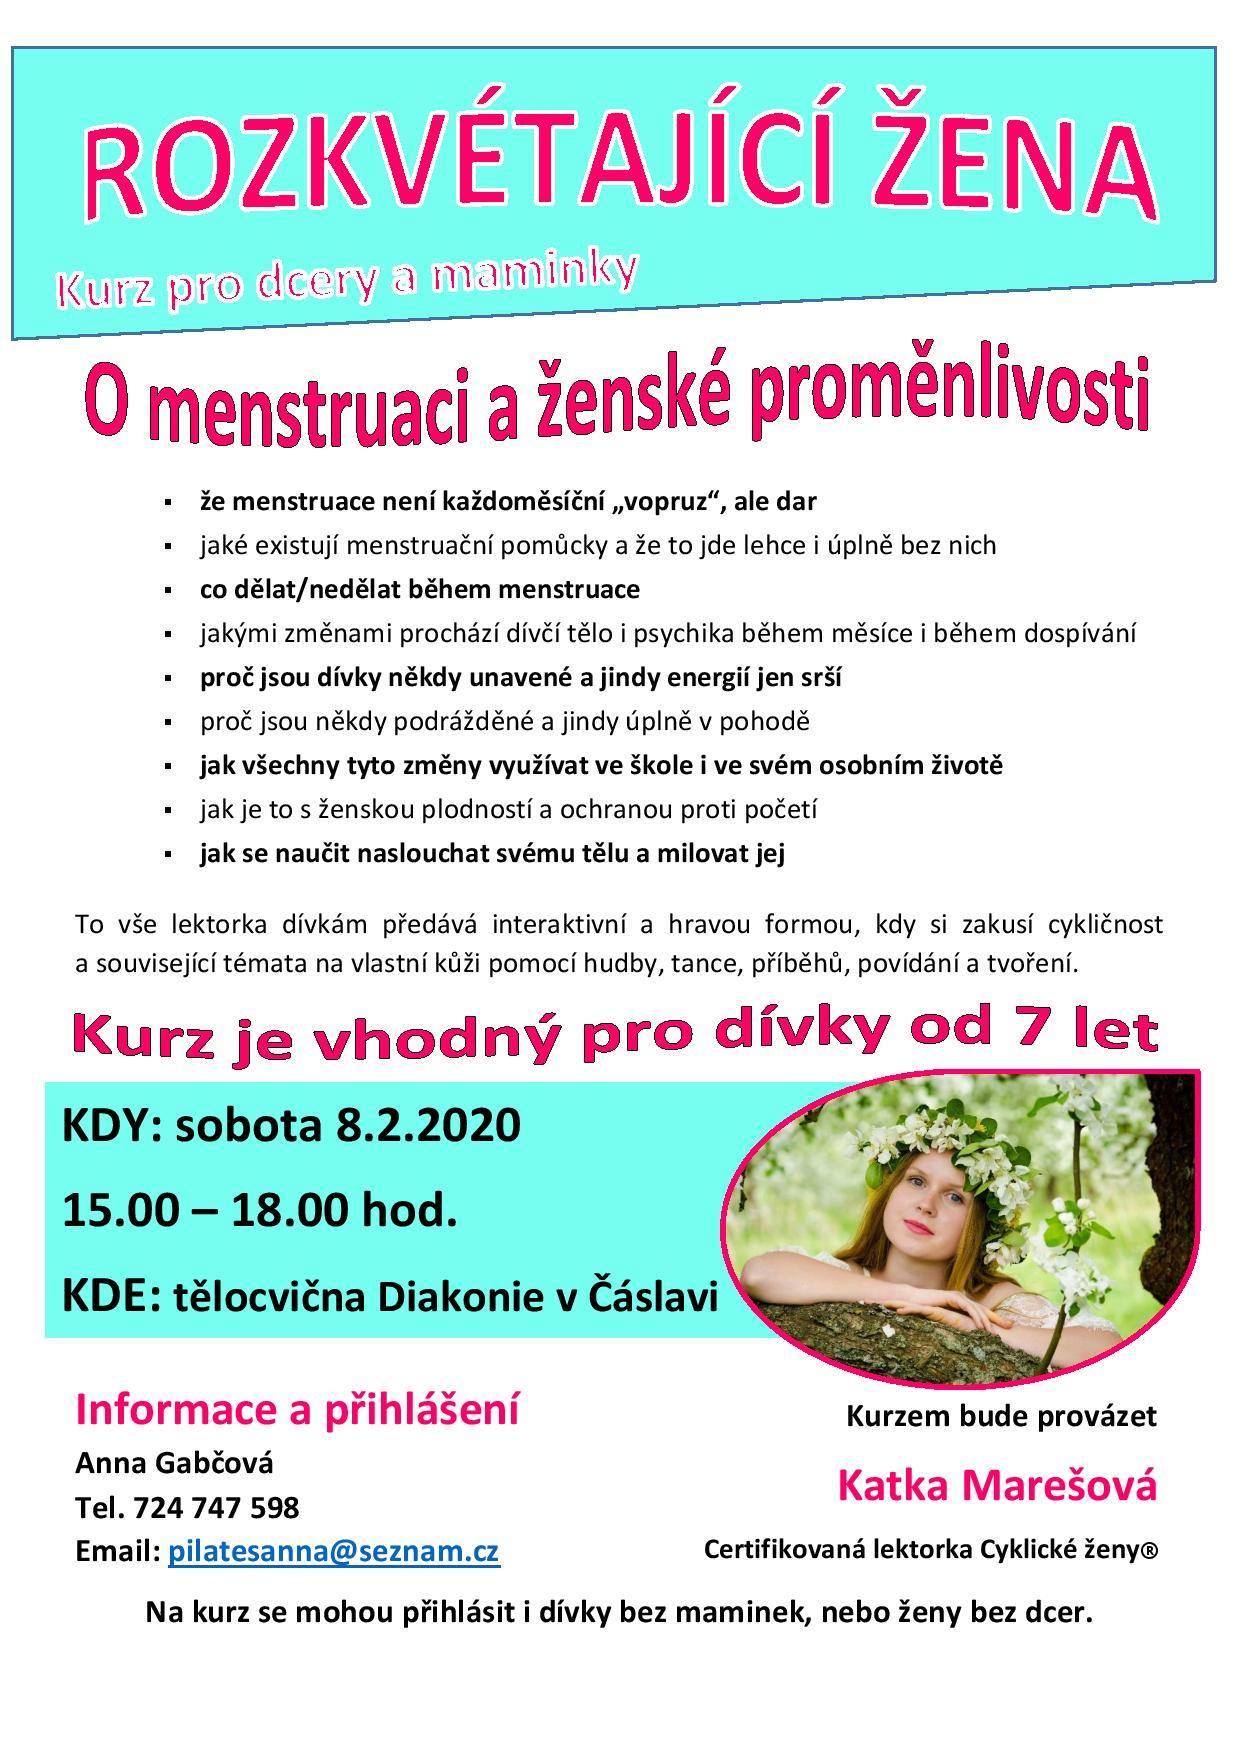 Kateřina Marešová: Rozkvétající žena (Čáslav)